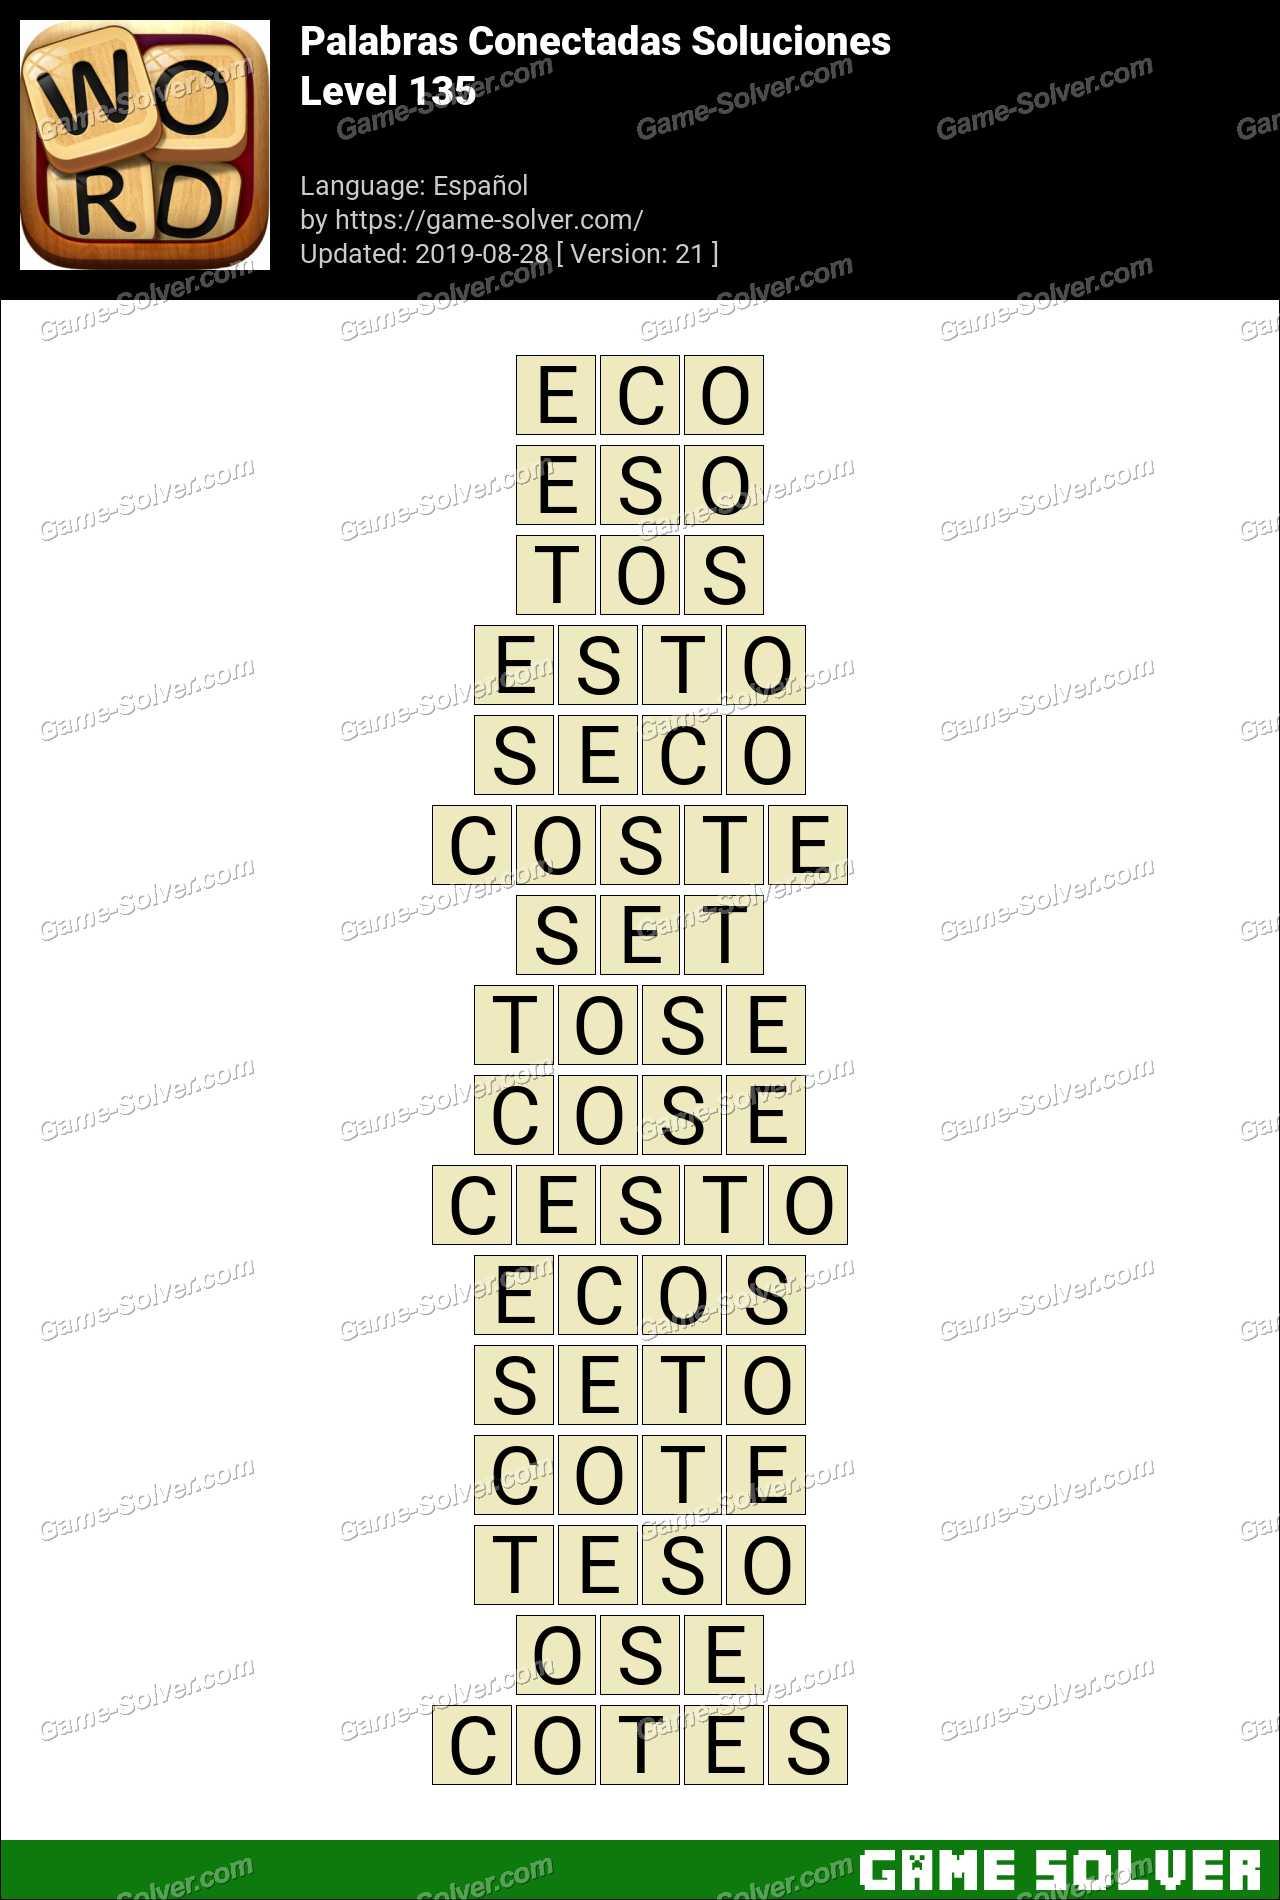 Palabras Conectadas Nivel 135 Soluciones